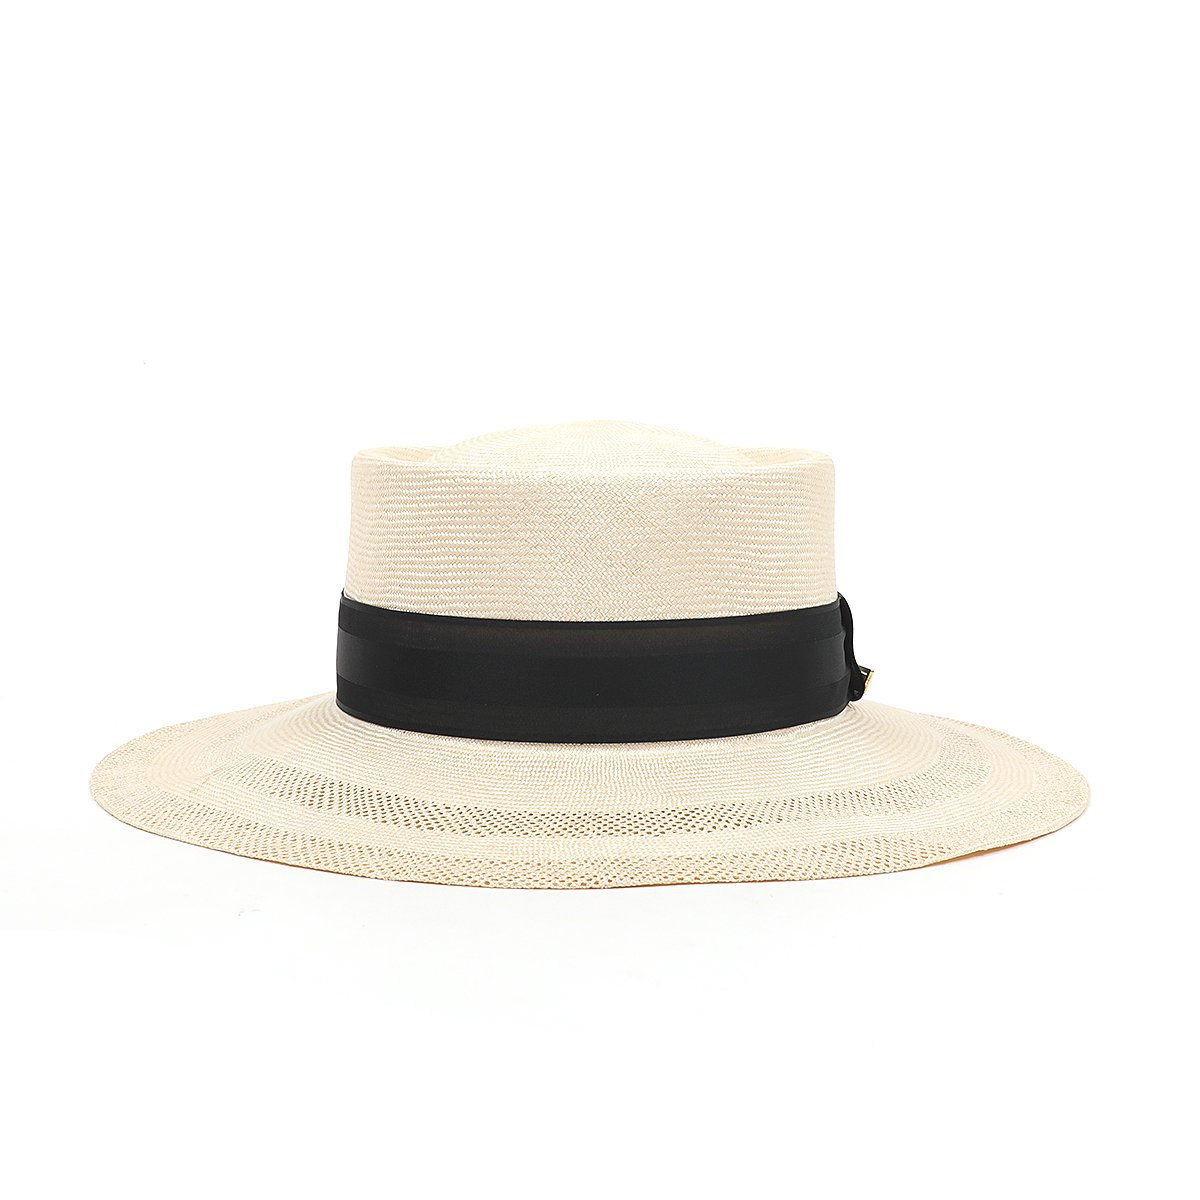 【LADY'S】SISOL PORK PIE HAT 詳細画像5